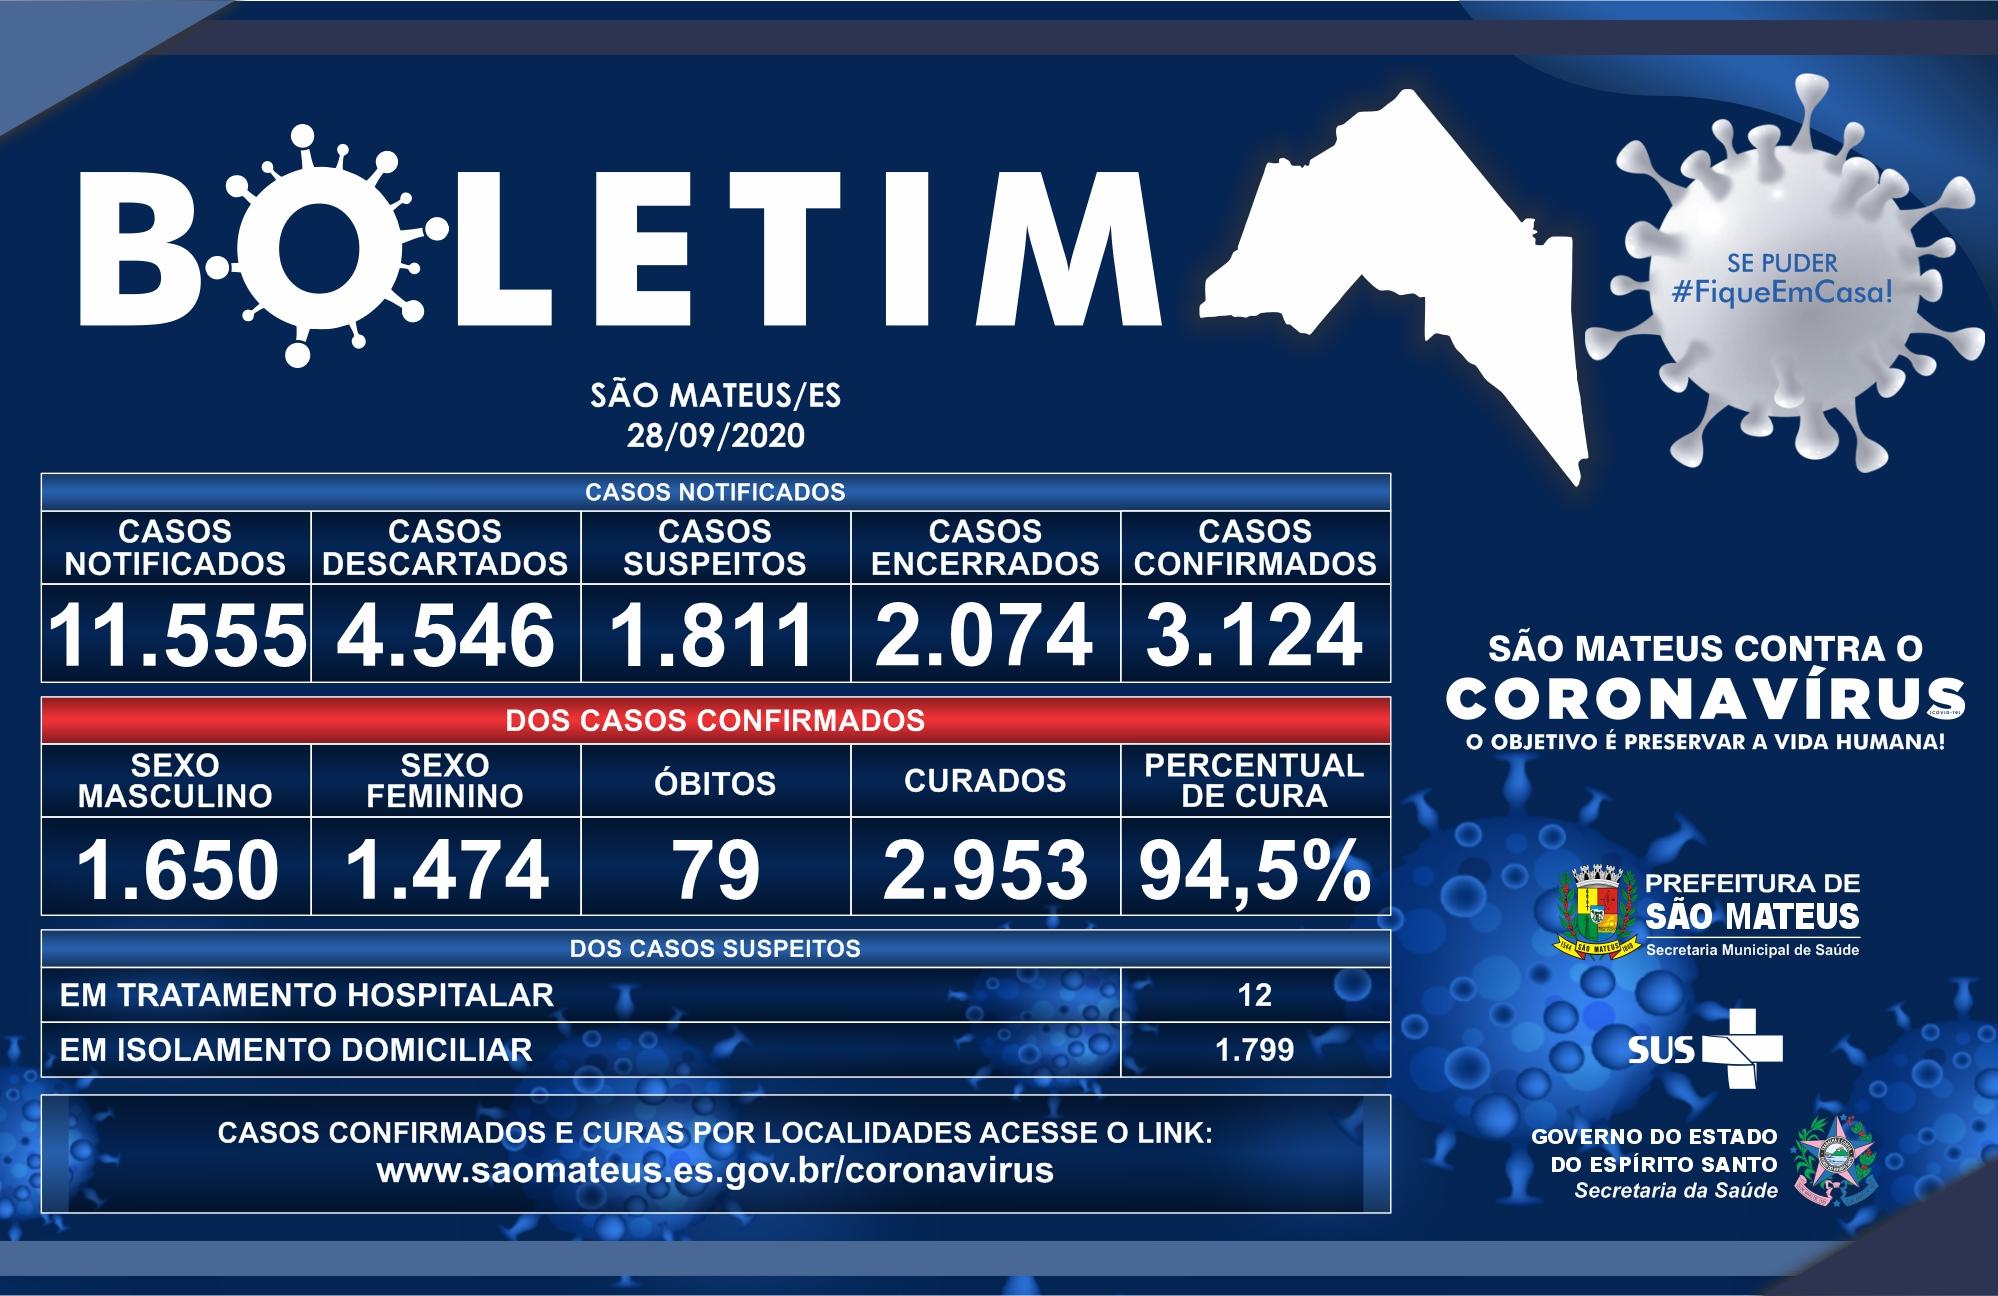 CORONAVÍRUS: SÃO MATEUS CHEGA A 3.124 CASOS CONFIRMADOS